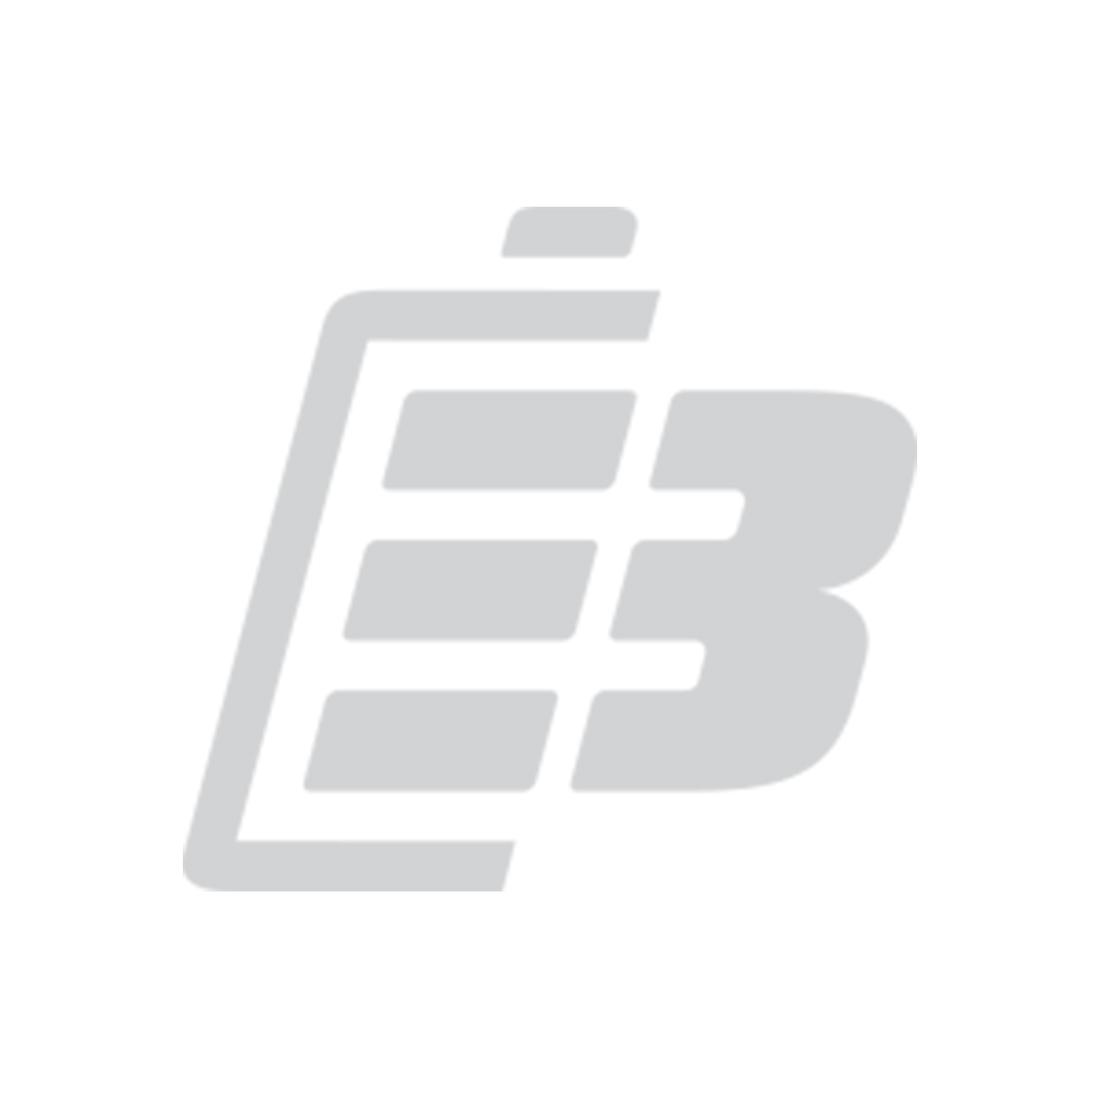 Μπαταρία tablet Lenovo IdeaPad S6000_1